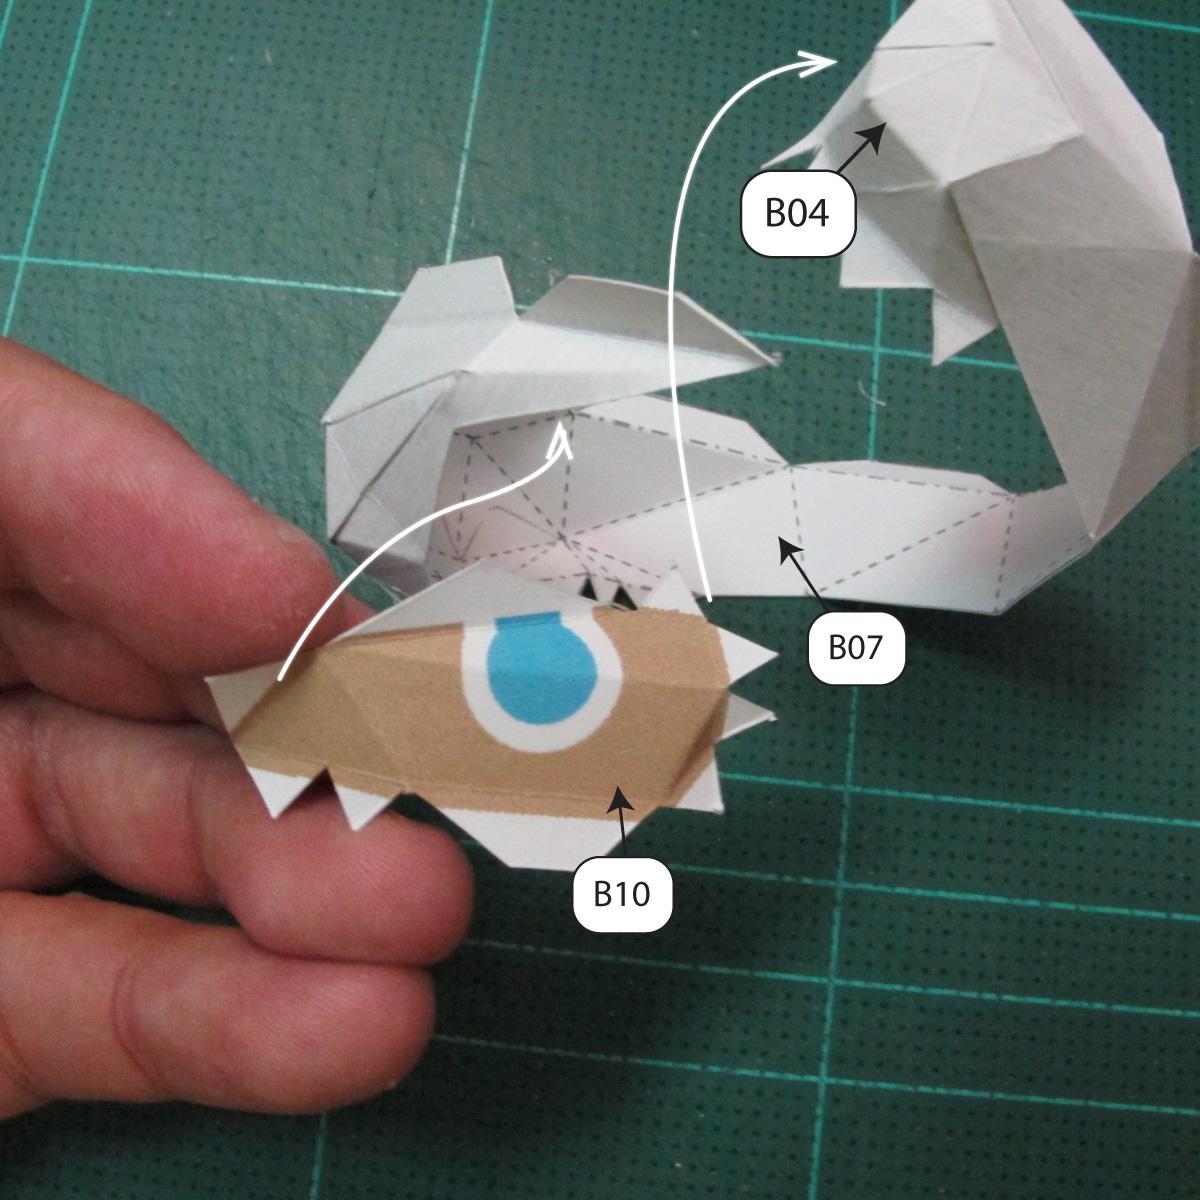 วิธีทำโมเดลกระดาษของเล่นคุกกี้รัน คุกกี้รสพ่อมด (Cookie Run Wizard Cookie Papercraft Model) 006